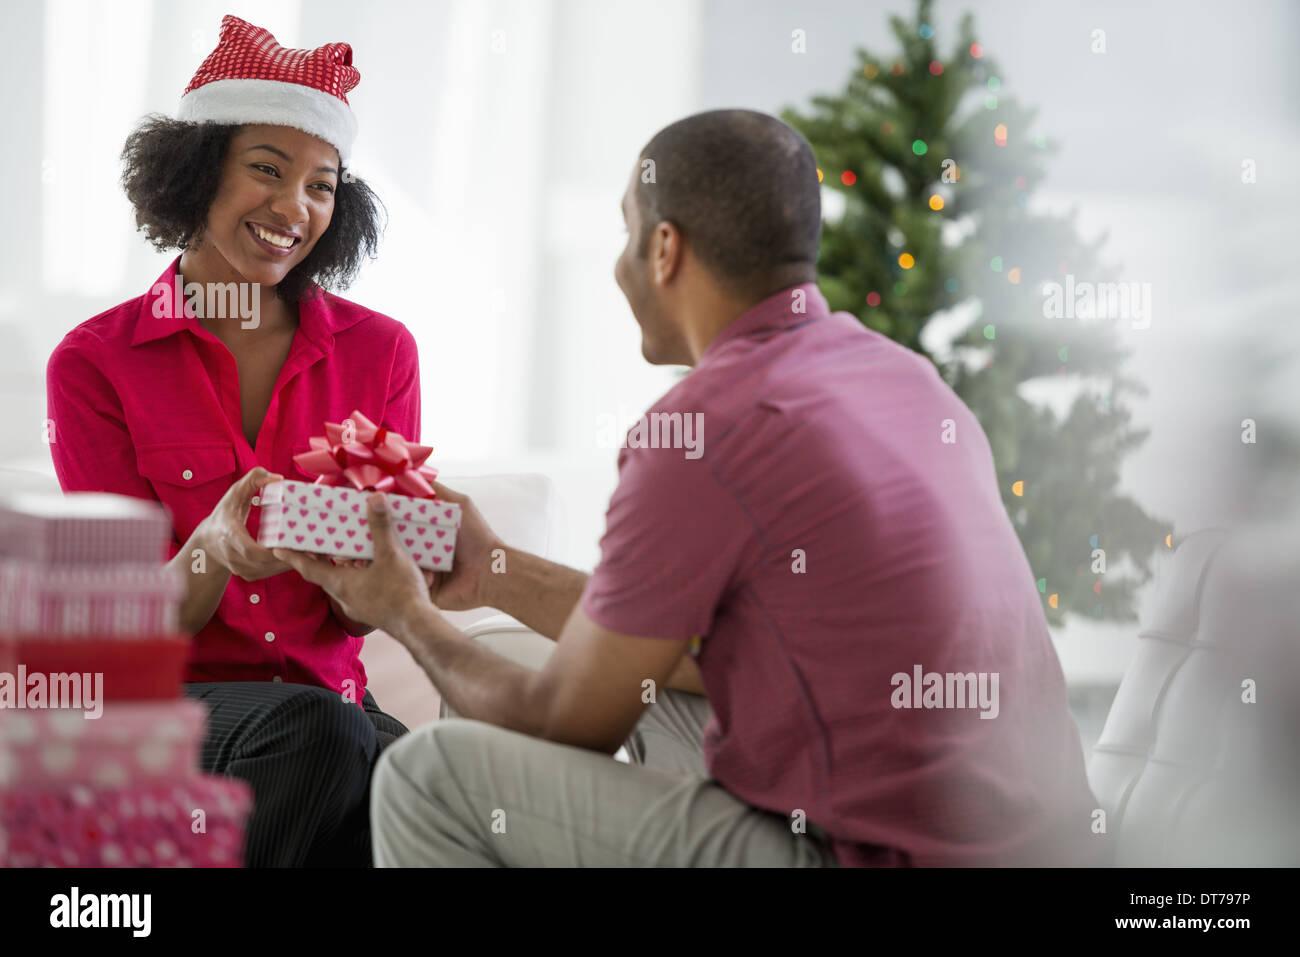 Eine Frau trägt einen roten und weißen Weihnachtsmann Hut.  Zuhause. Ein geschmückter Weihnachtsbaum. Stockbild